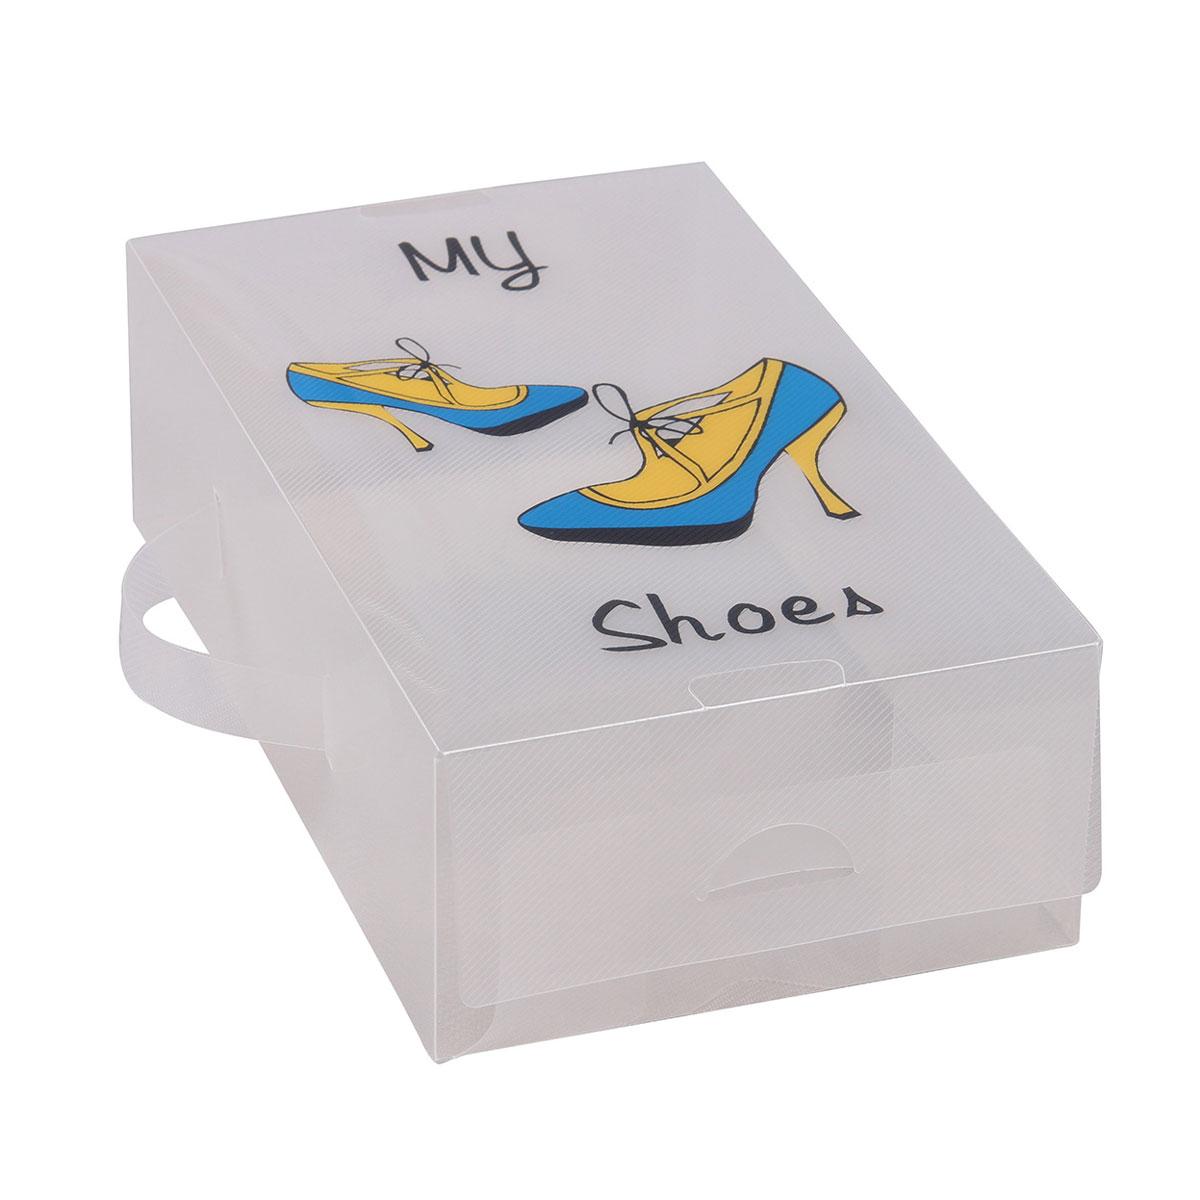 Короб для xранения обуви Miolla, 30 x 18 x 10 см. PLS-101004900000360Удобный пластиковый короб для хранения обуви Miolla станет идеальным решением для организации пространства вашего гардероба. Можно больше не переживать за сохранность дорогих туфель или изысканных босоножек, короб Miolla позволит отделить одну пару от другой и в отличие от картонных аналогов не потеряет форму, угрожая испортить любимую обувь.Размер короба: 30 х 18 х 10 см.